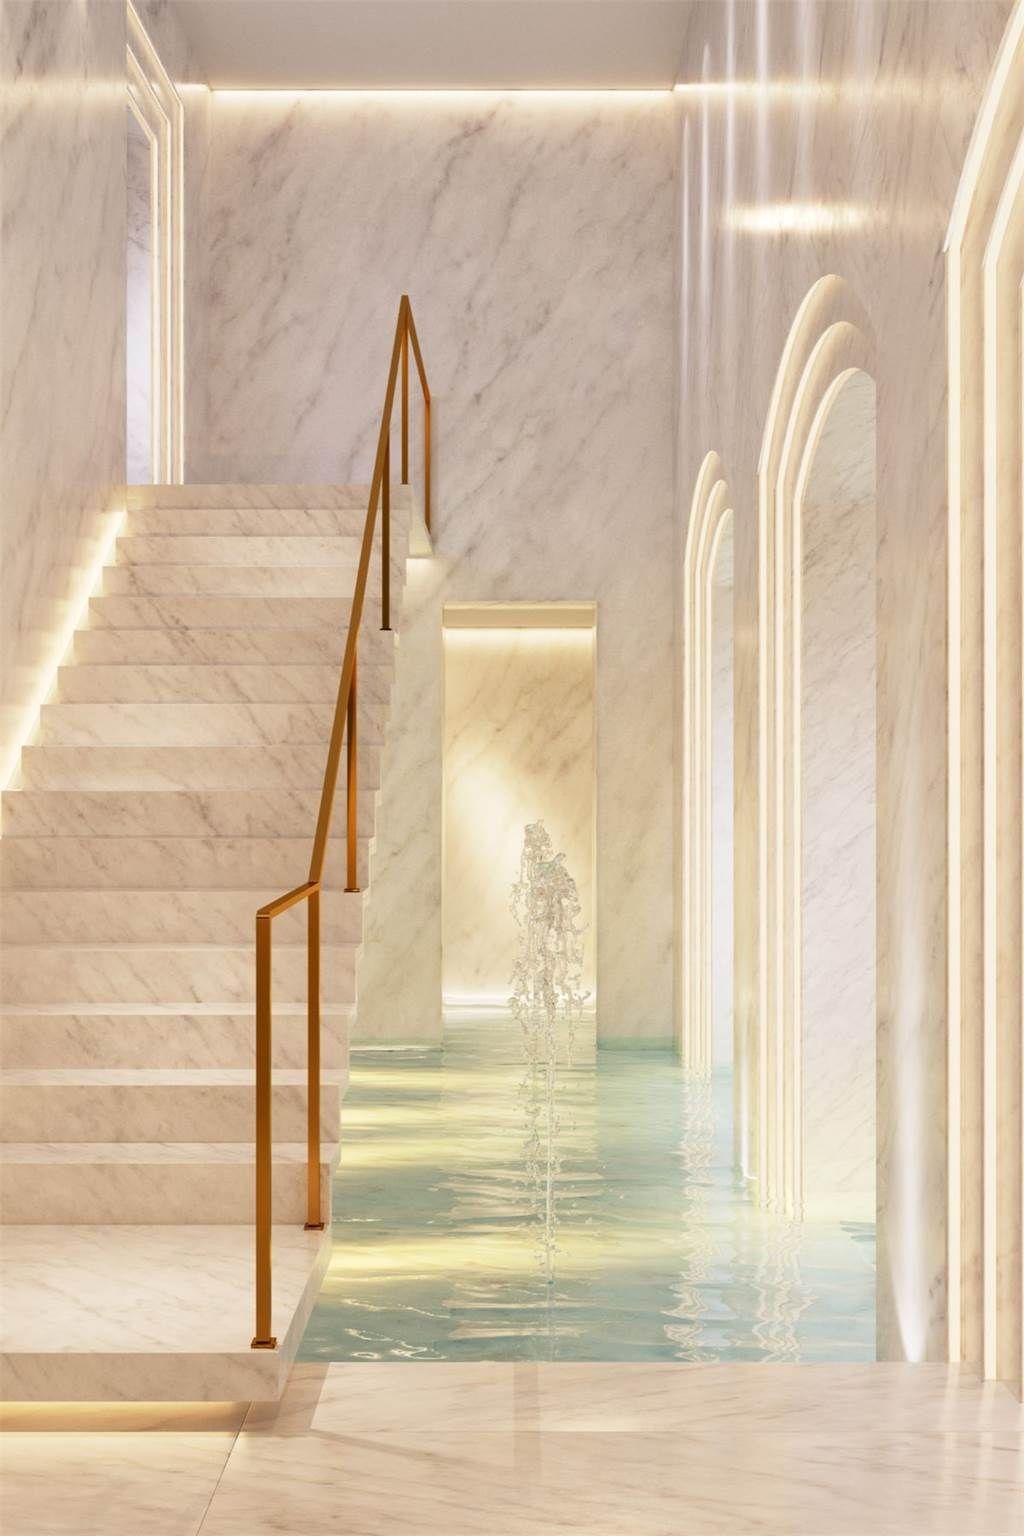 Parkring 14-16, Bel Etage Vienna, Vienna, Austria – Luxury Home ...